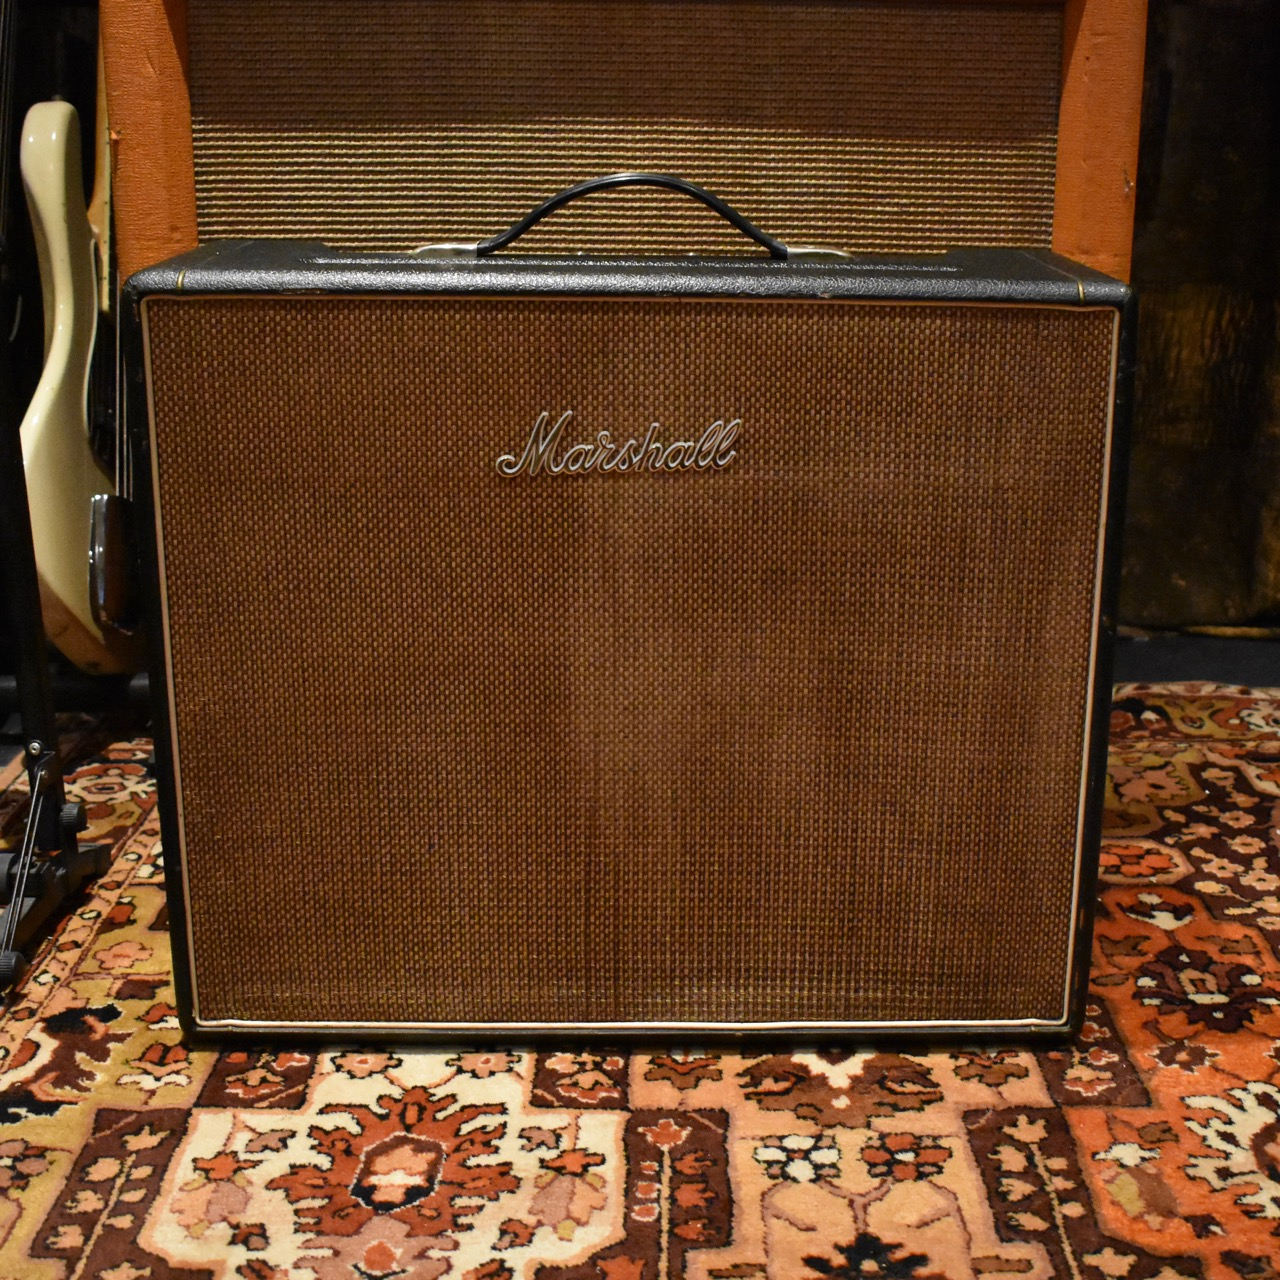 Vintage 1968 Marshall JMP 1930 Popular Amplifier